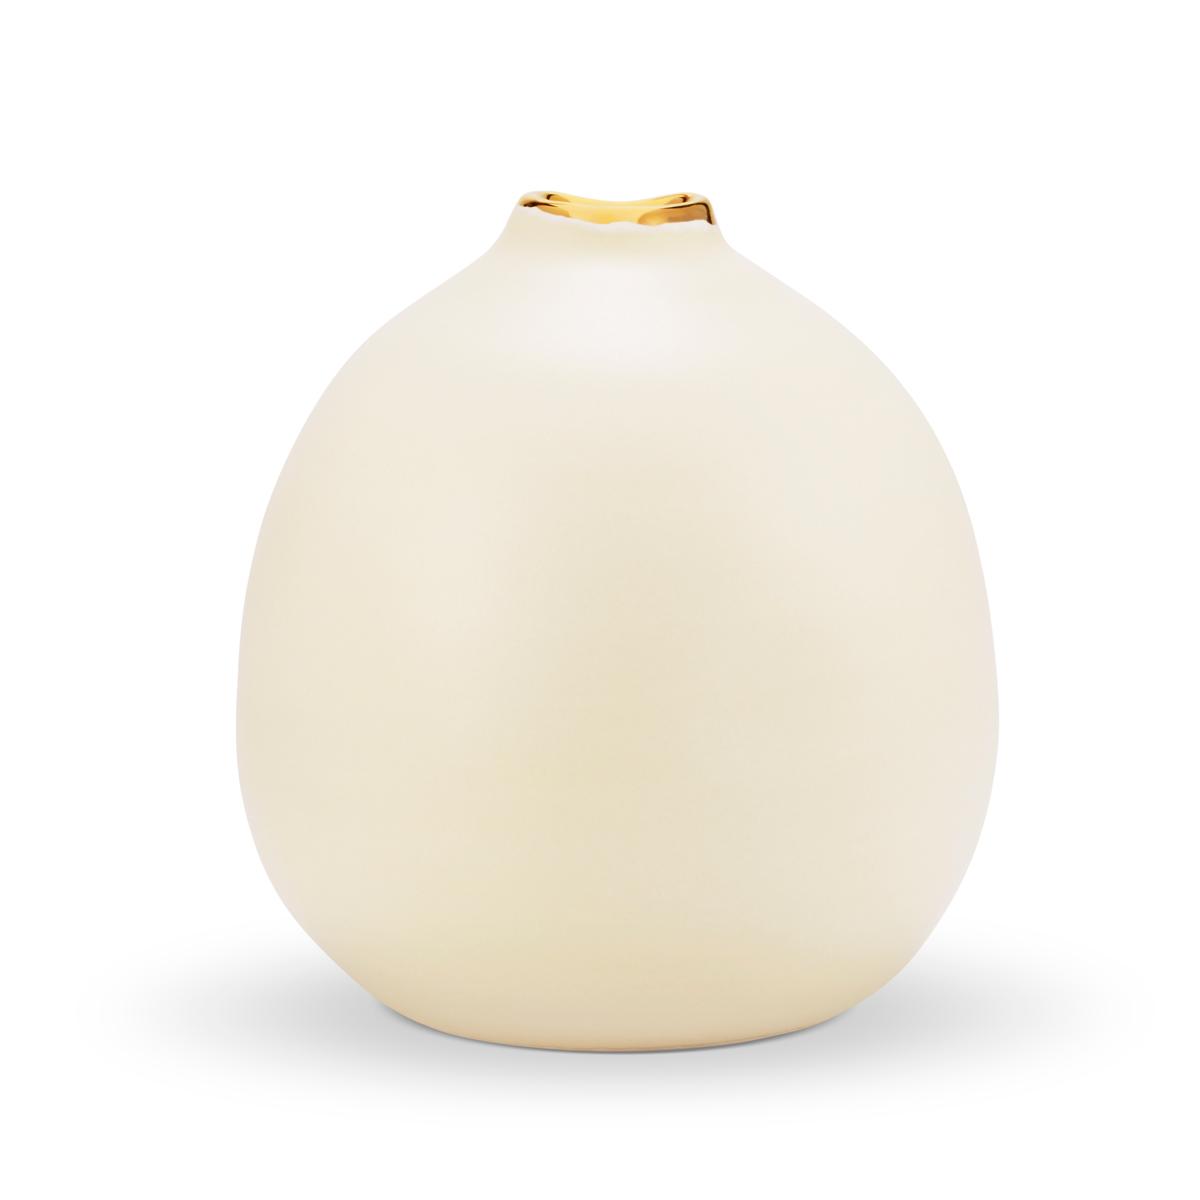 Aerin Eloise Medium Bud Vase, Cream